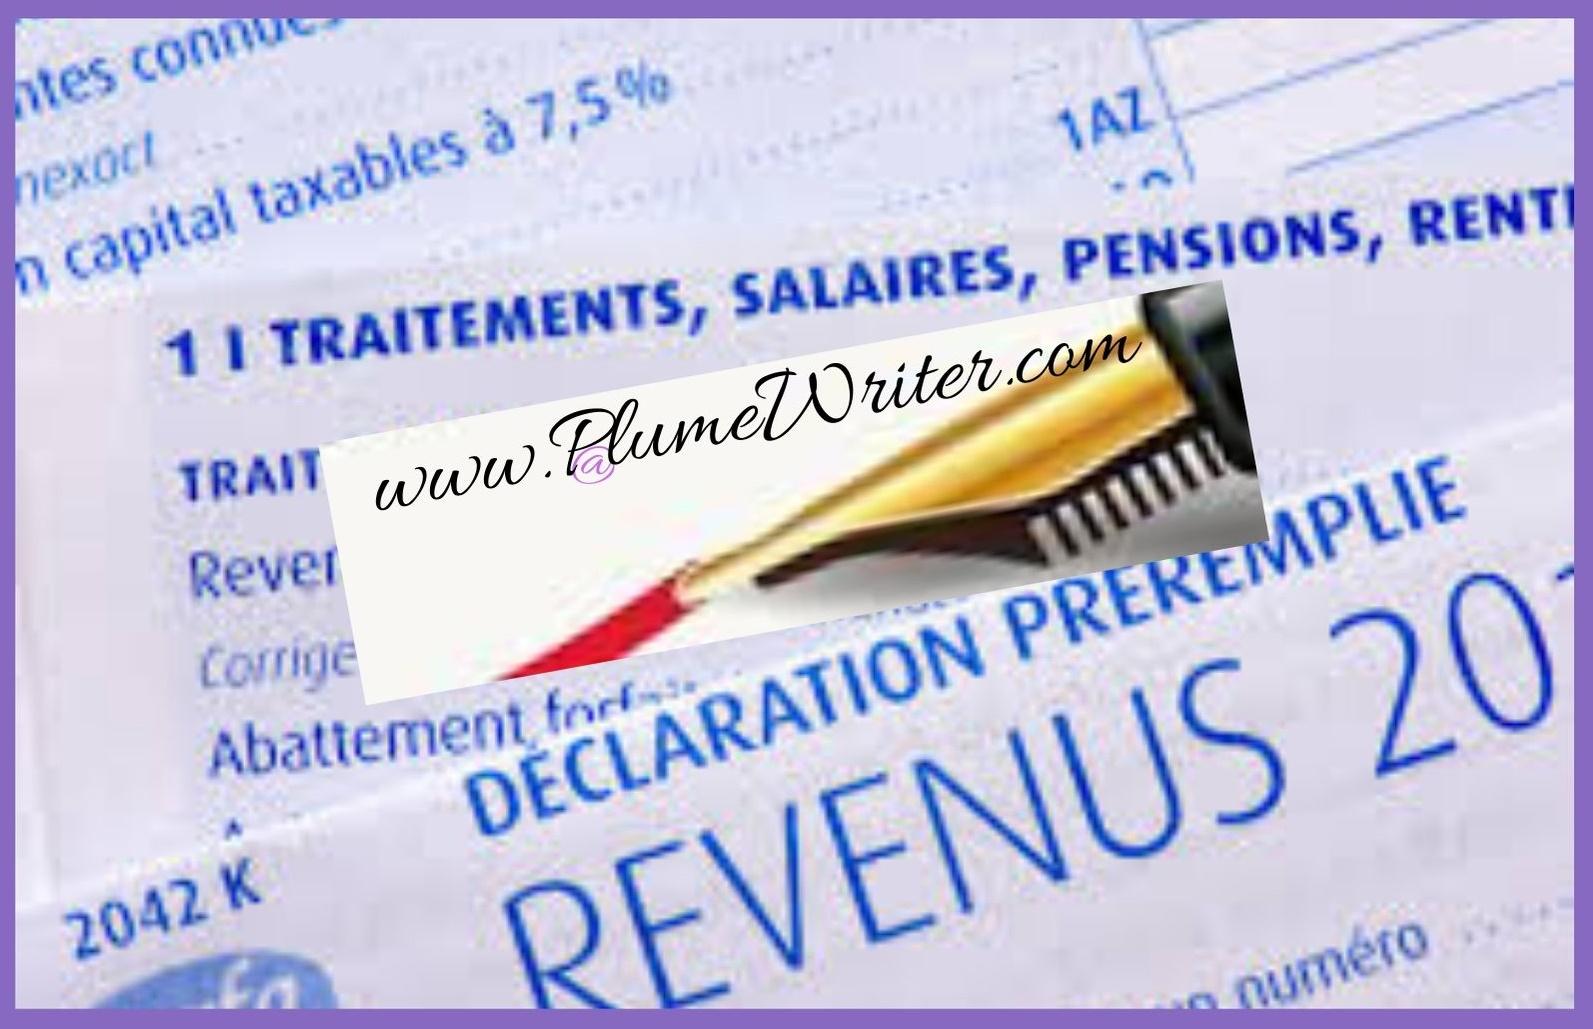 Aide déclaration d'impôt